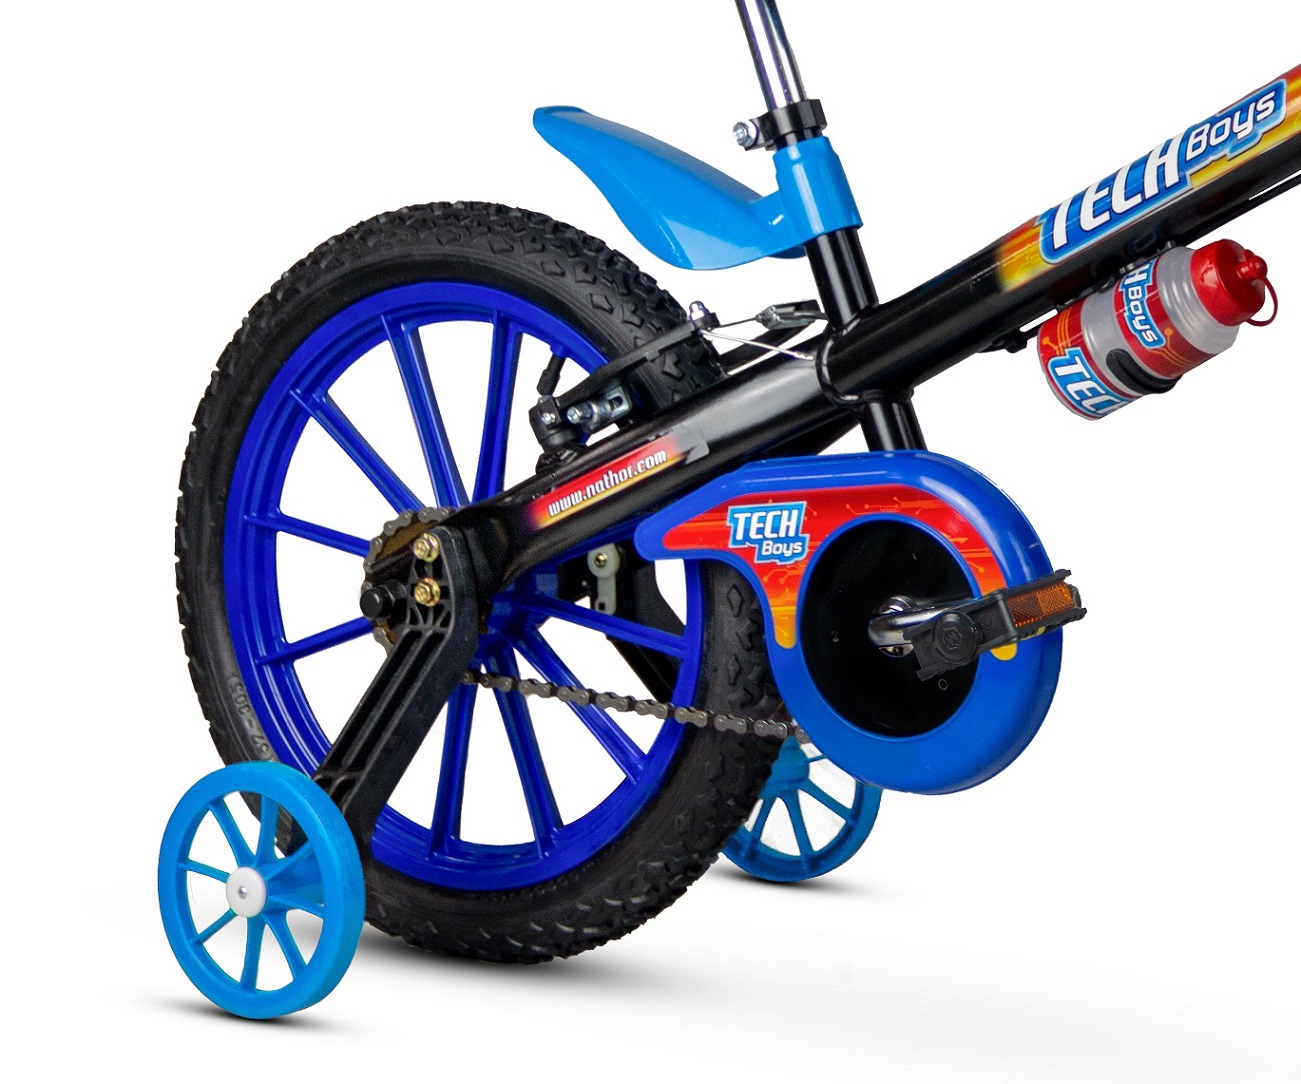 Bicicleta aro 16 Tech Boys Nathor